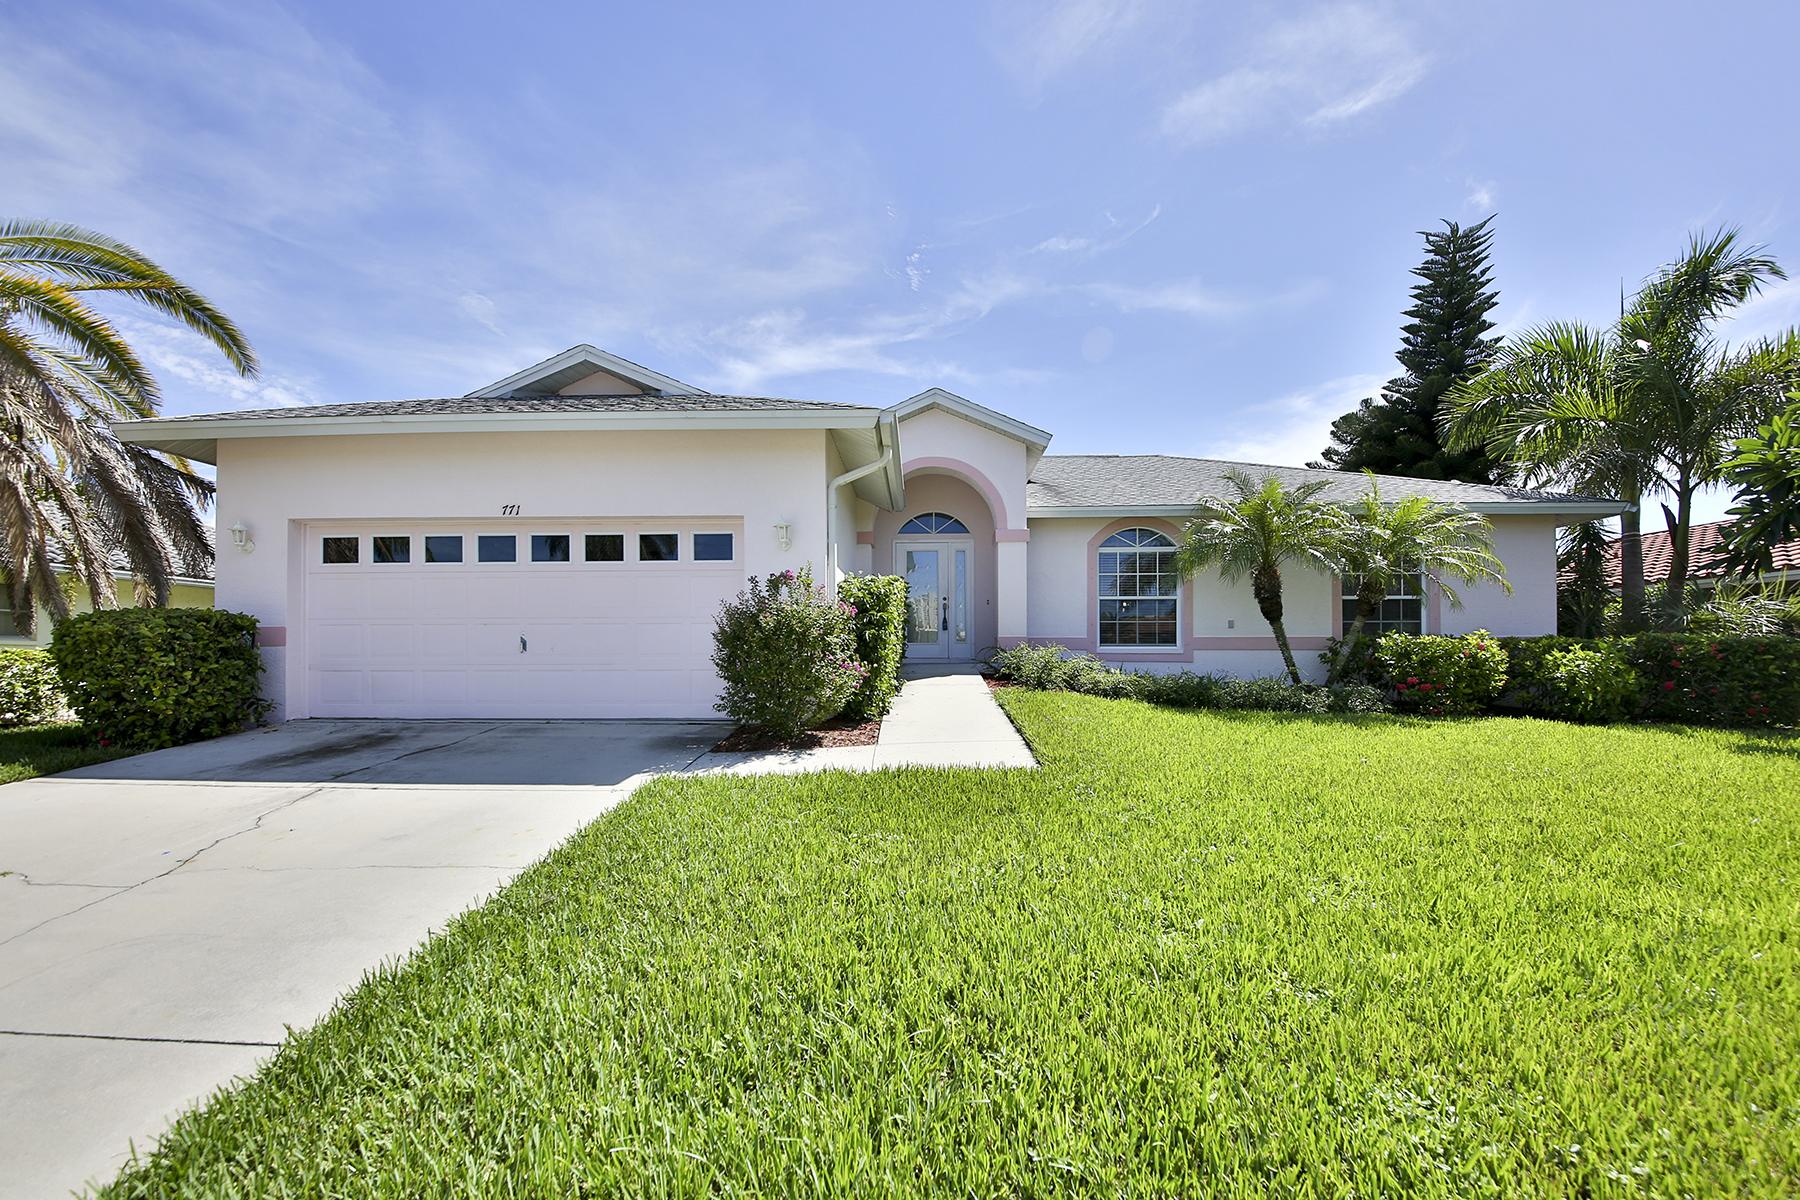 Tek Ailelik Ev için Satış at MARCO ISLAND - AMBER DRIVE 771 Amber Dr Marco Island, Florida 34145 Amerika Birleşik Devletleri